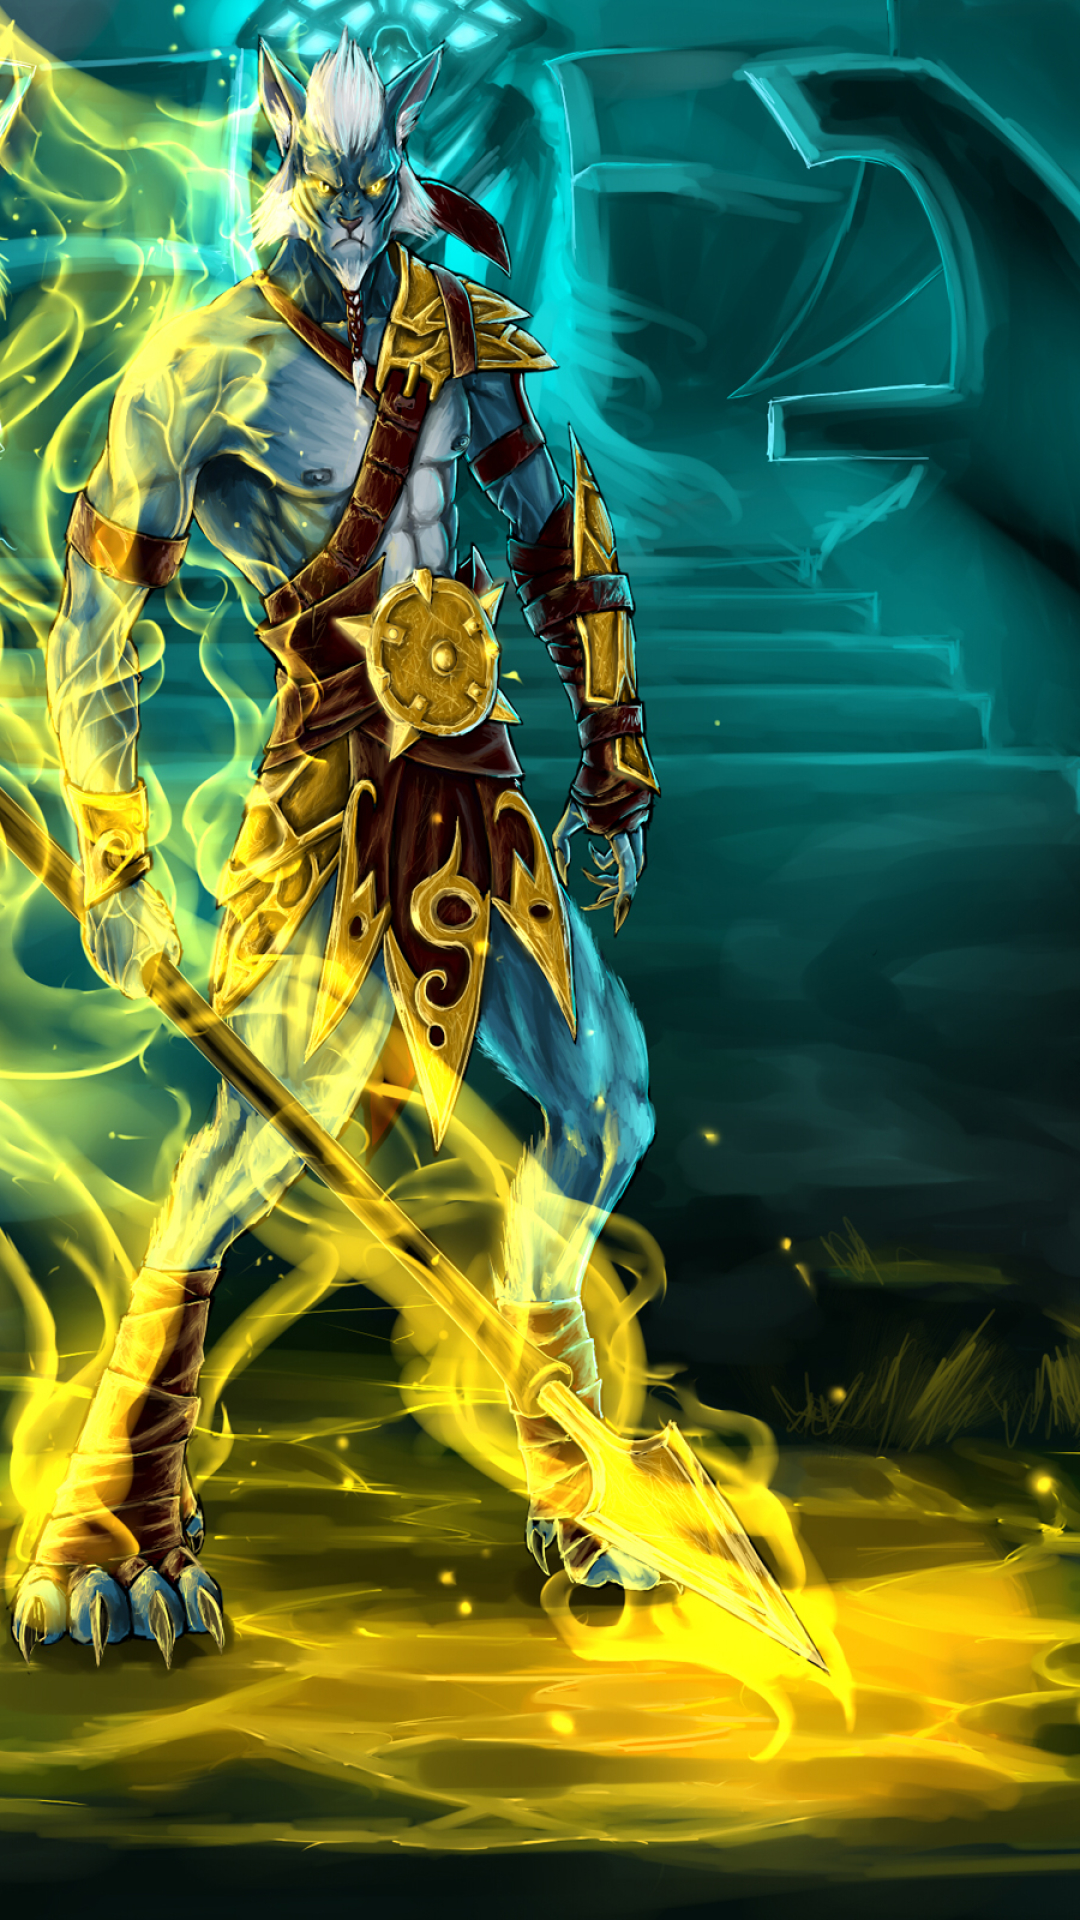 Download Azwraith Phantom Lancer Dota 2 1080x1920 Resolution Full